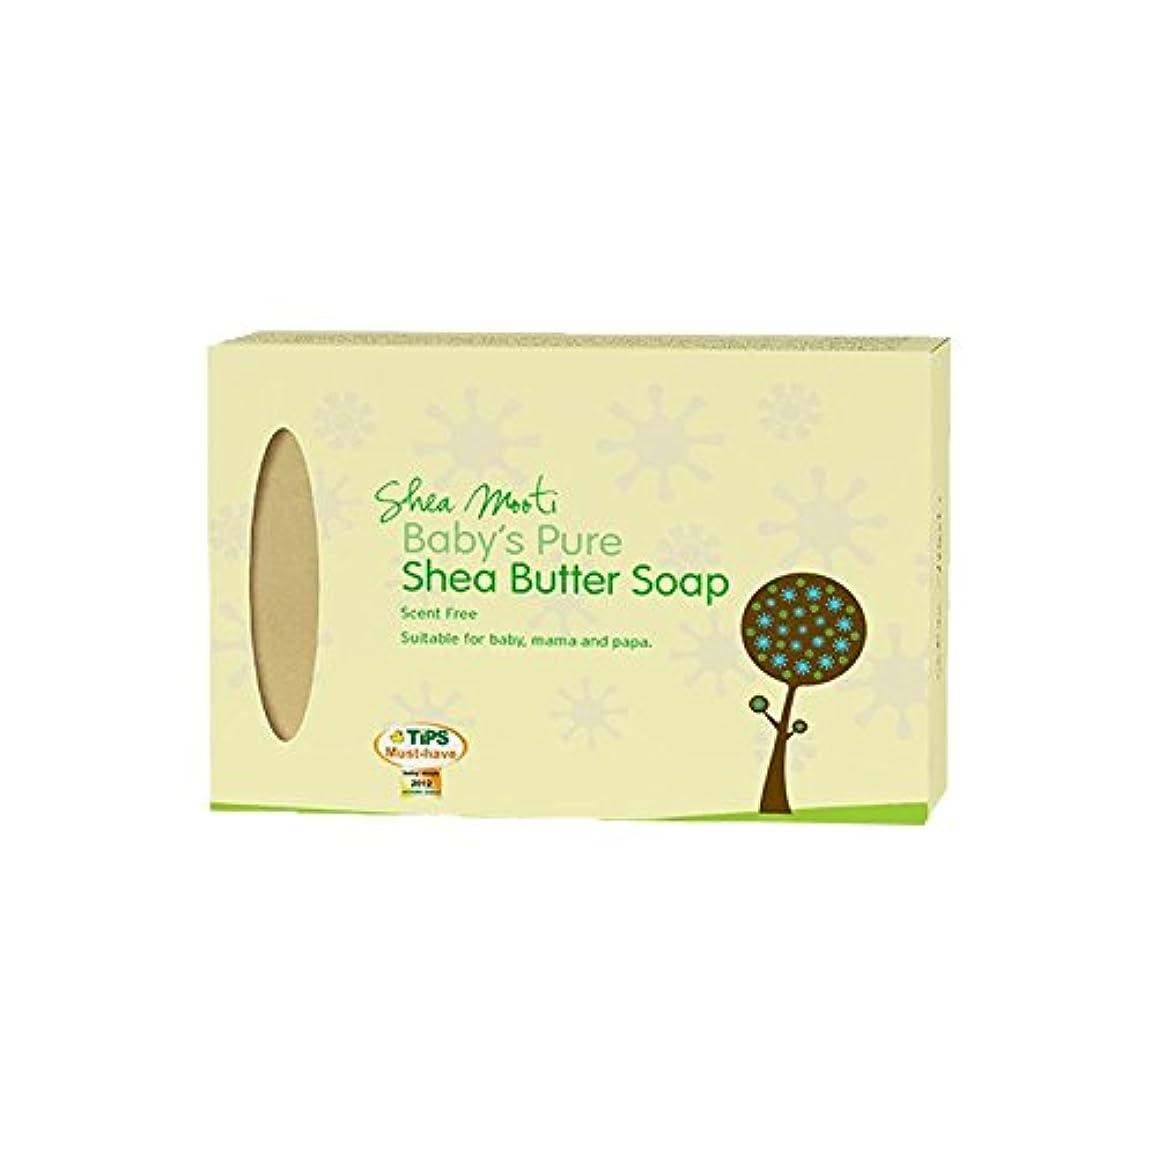 サーババリア略語Shea Mooti Baby's Pure Shea Butter Soap Unscented 250ml (Pack of 6) - シアバターMooti赤ちゃんの純粋なシアバターソープ無香250ミリリットル (x6...